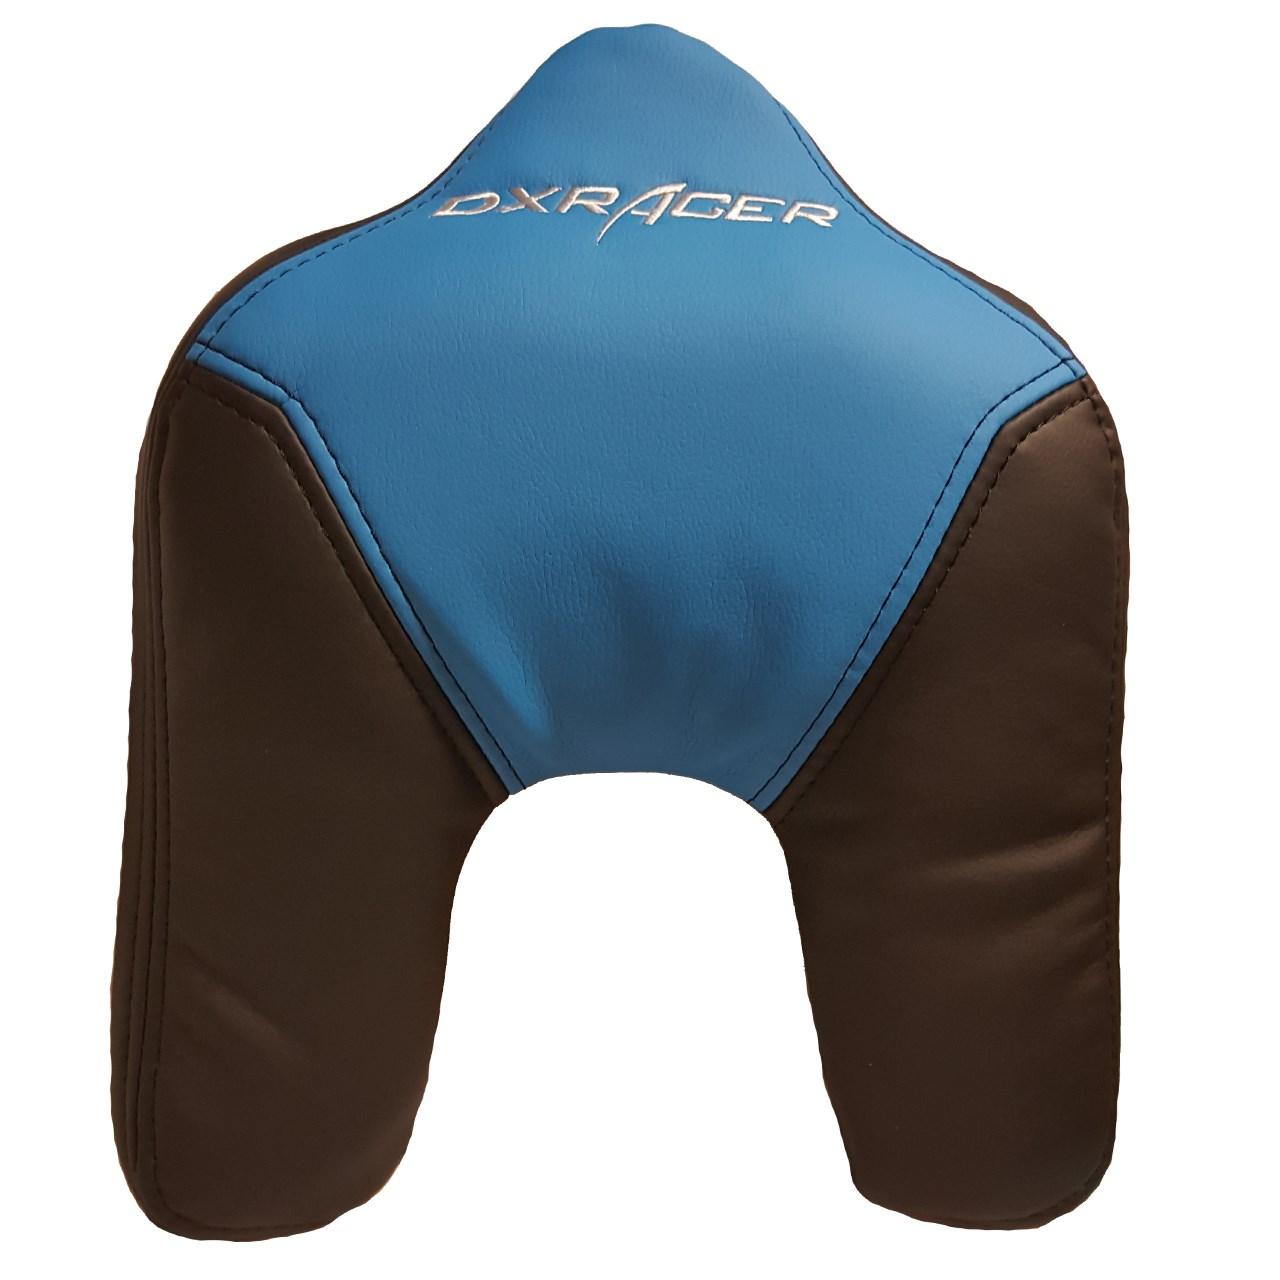 بالشتک پشت سری دی ایکس ریسر مدل OH/SC۱۱/N | DXRacer OH/SC11/N Headrest Cushion